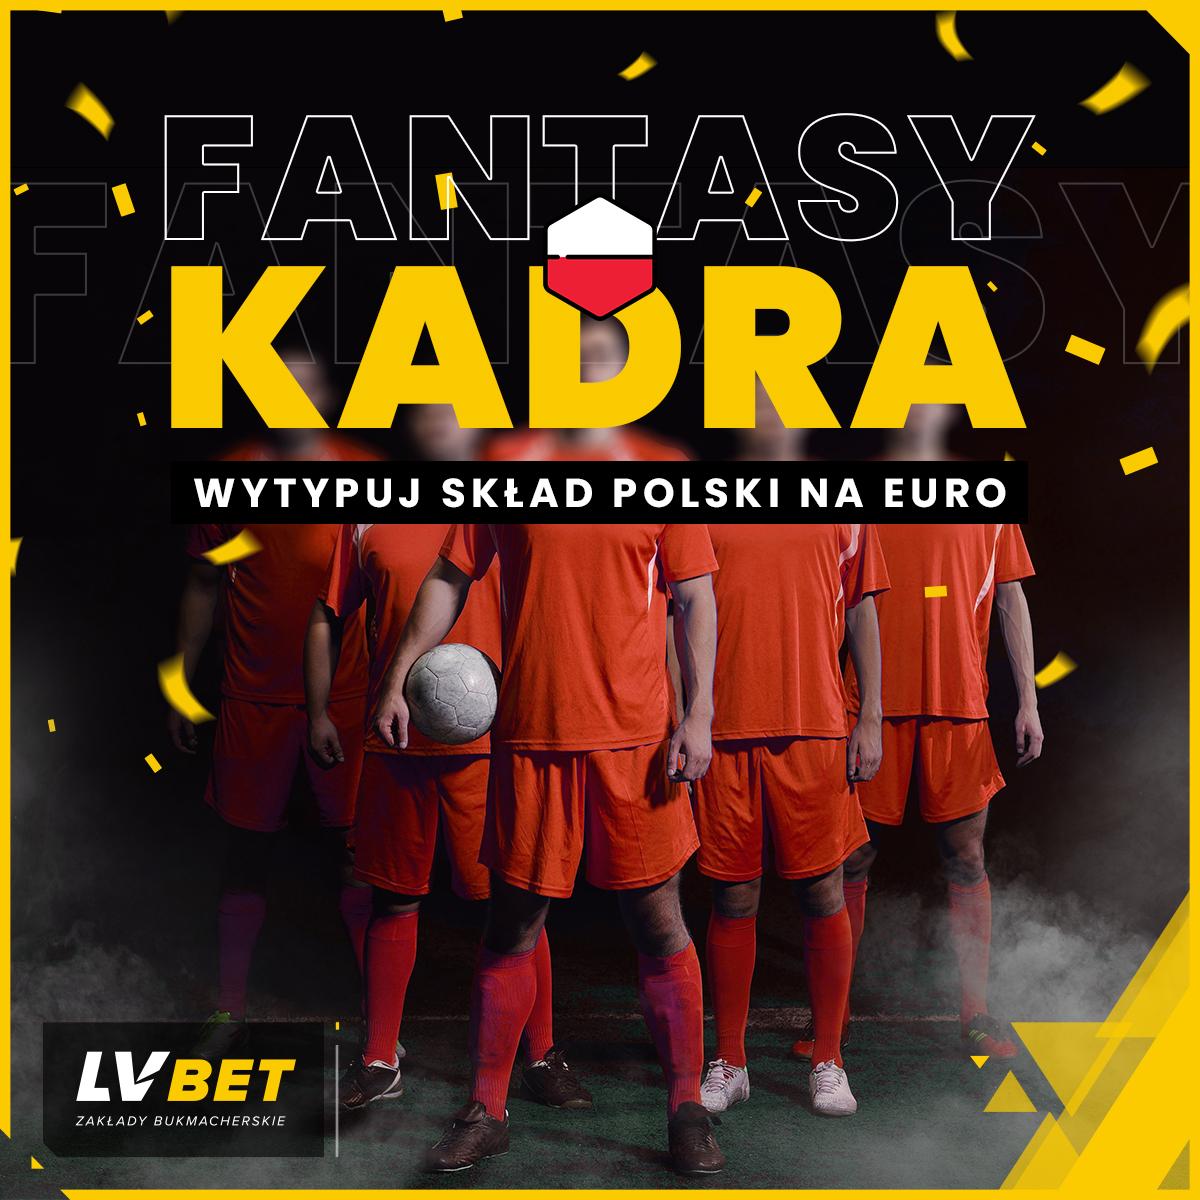 Fantasy Kadra w LV BET. Wytypuj skład Polski na Euro!